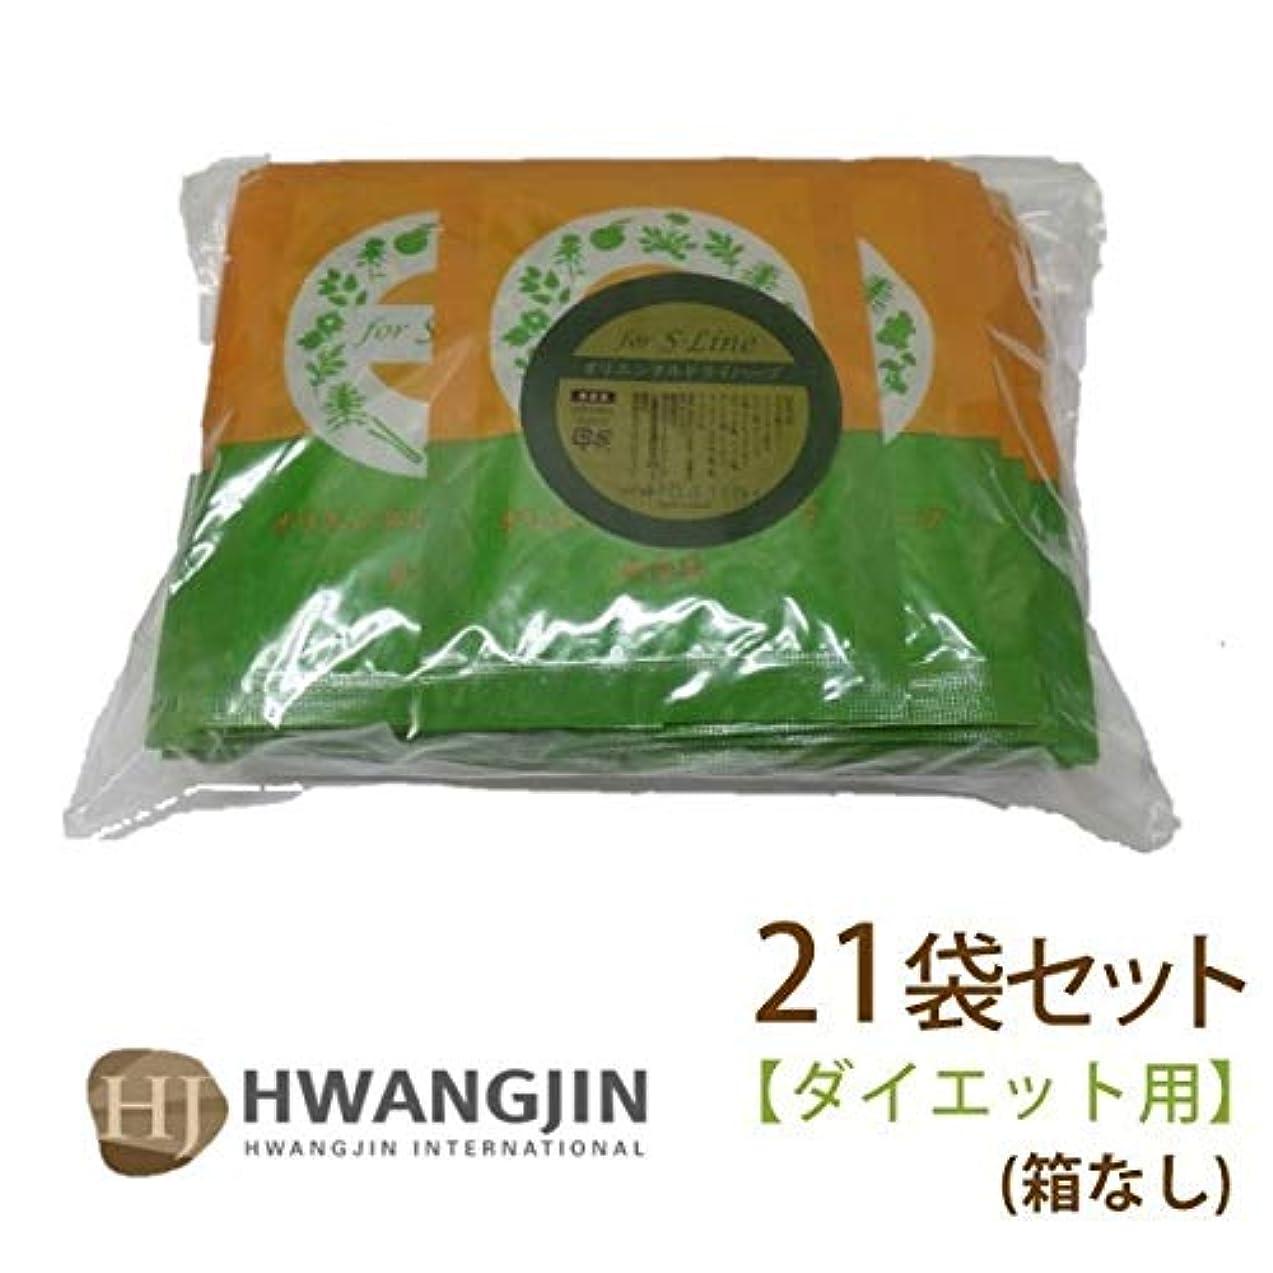 垂直インレイ富ファンジン黄土 座浴剤 21袋 箱無し 正規品 (S-Line (ダイエット用) 21袋)